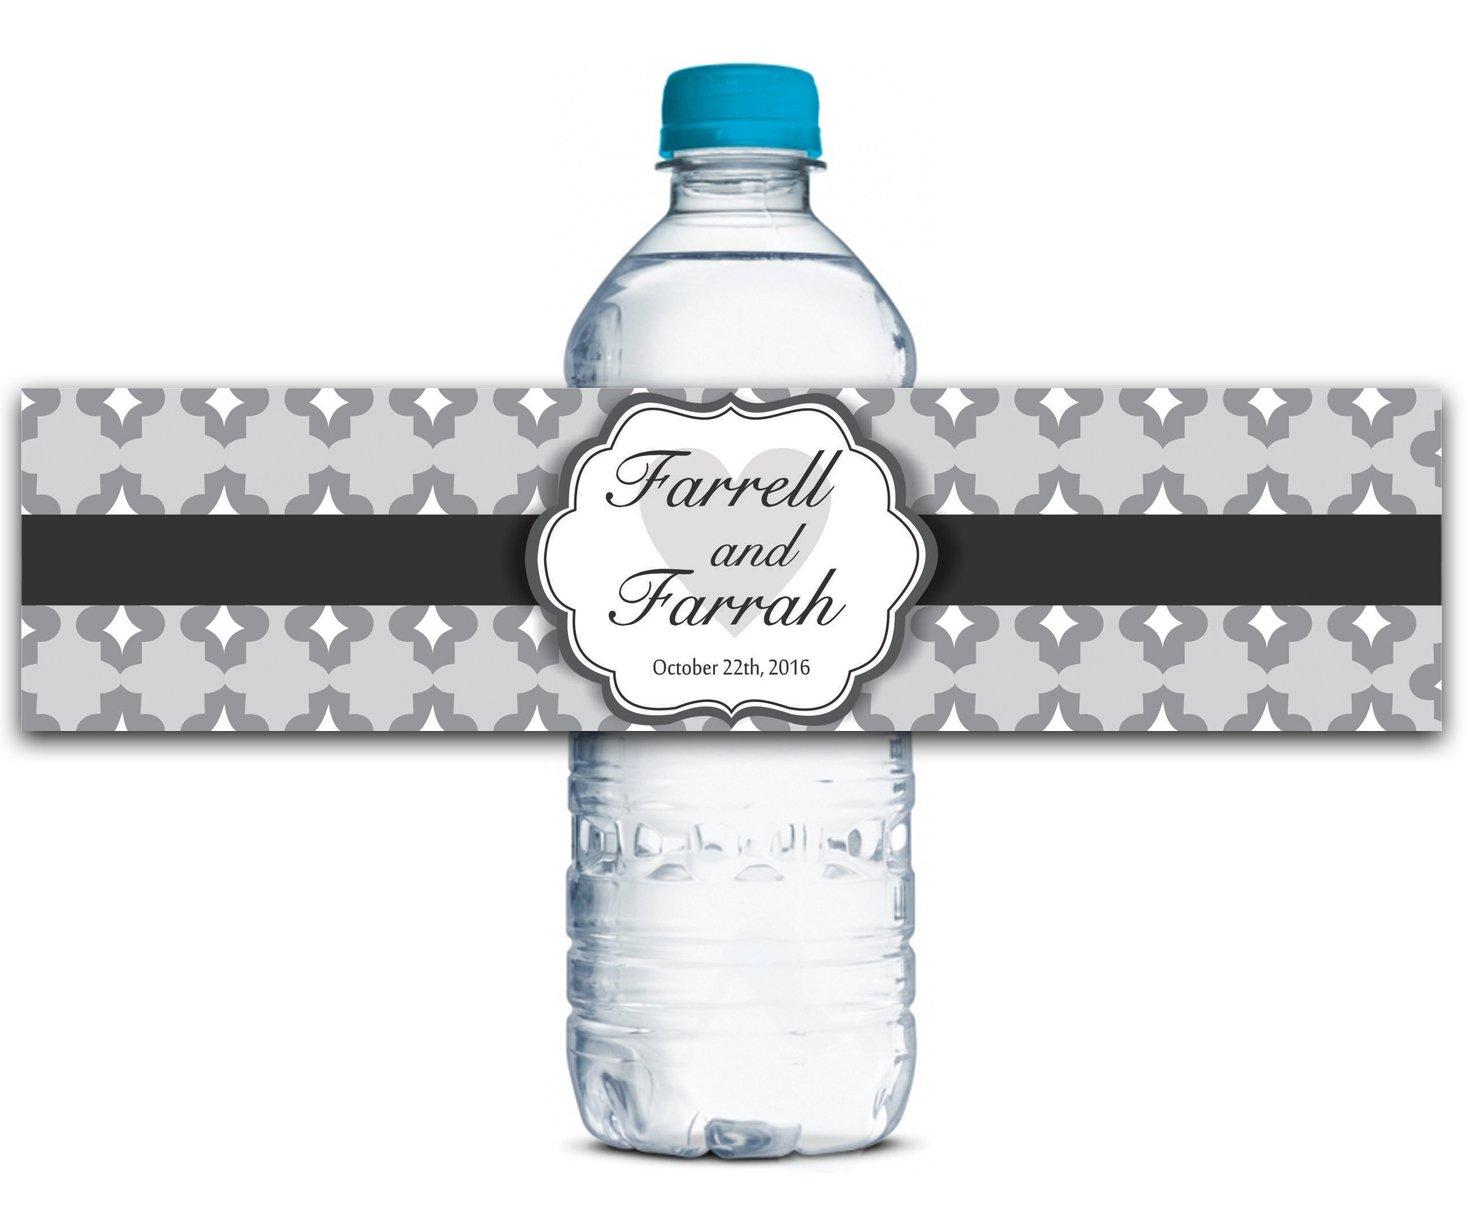 Personalisierte Personalisierte Personalisierte Wasserflasche Etiketten Selbstklebende wasserdichte Kundenspezifische Hochzeits-Aufkleber 8  x 2  Zoll - 50 Etiketten B01A0W3W70 | Einzigartig  c9c8e5